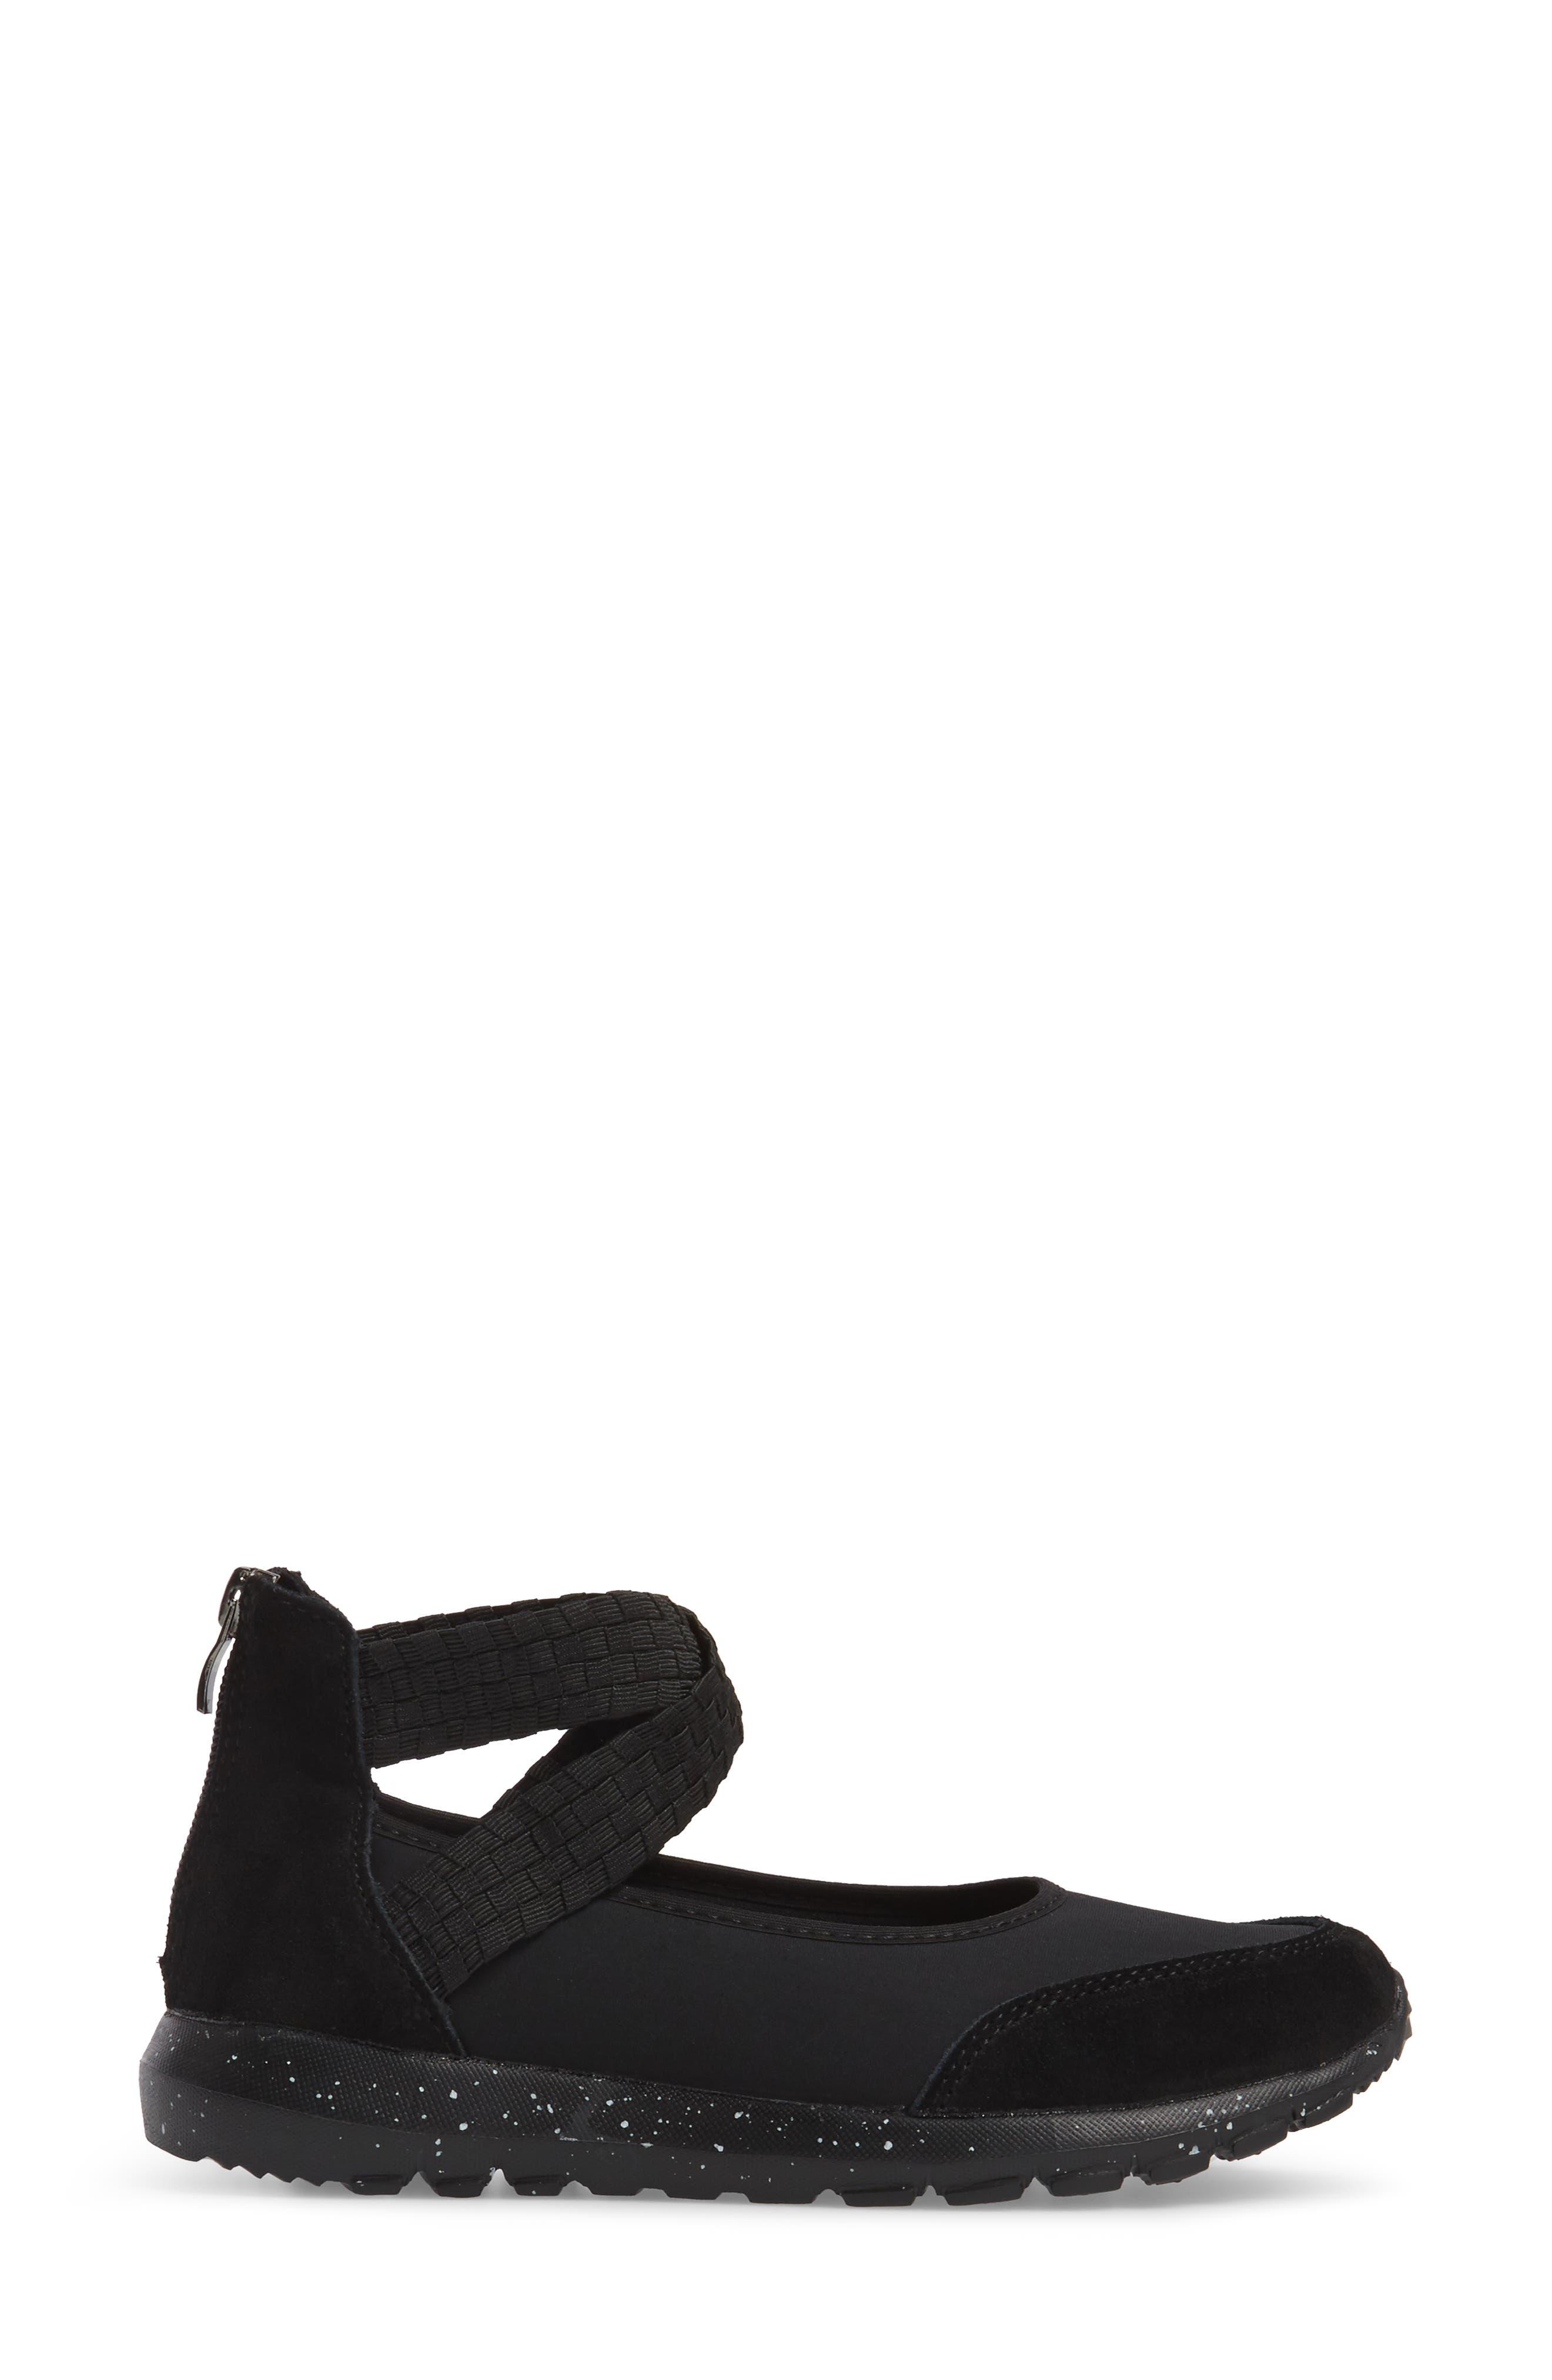 Bernie Mev Runner Flow Sneaker,                             Alternate thumbnail 3, color,                             001